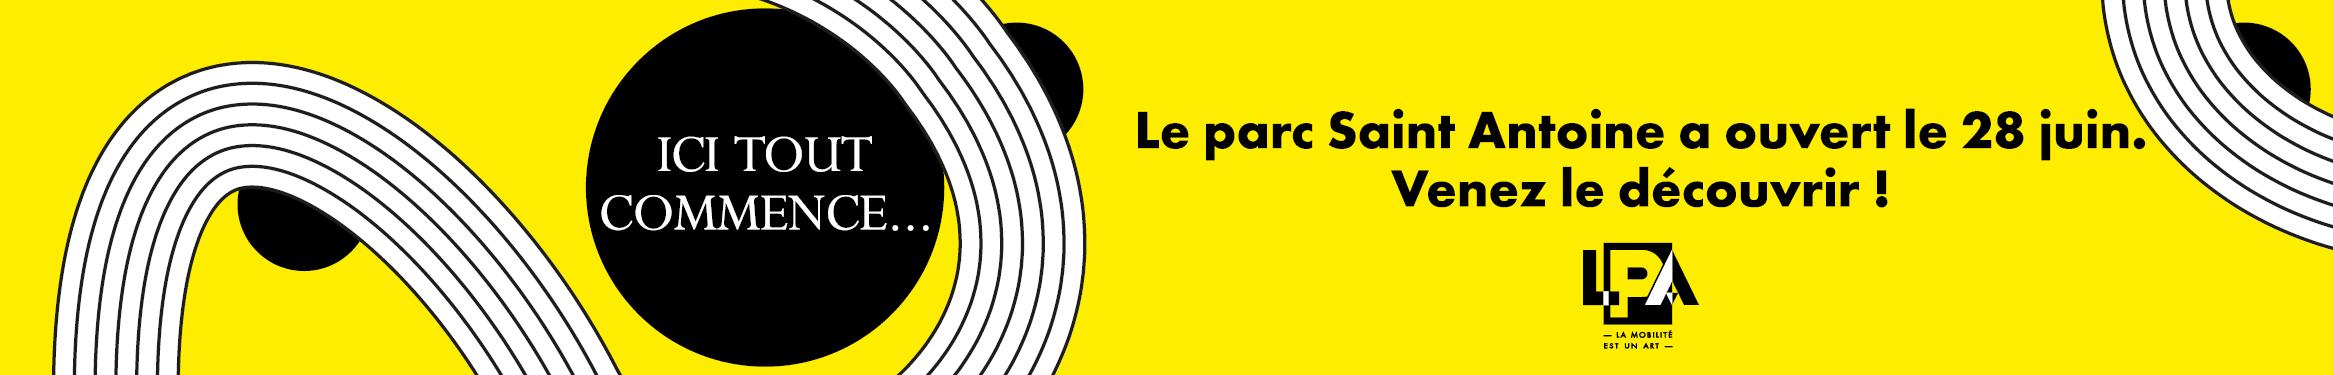 LPA - Le parc Saint Antoine a ouvert le 28 juin